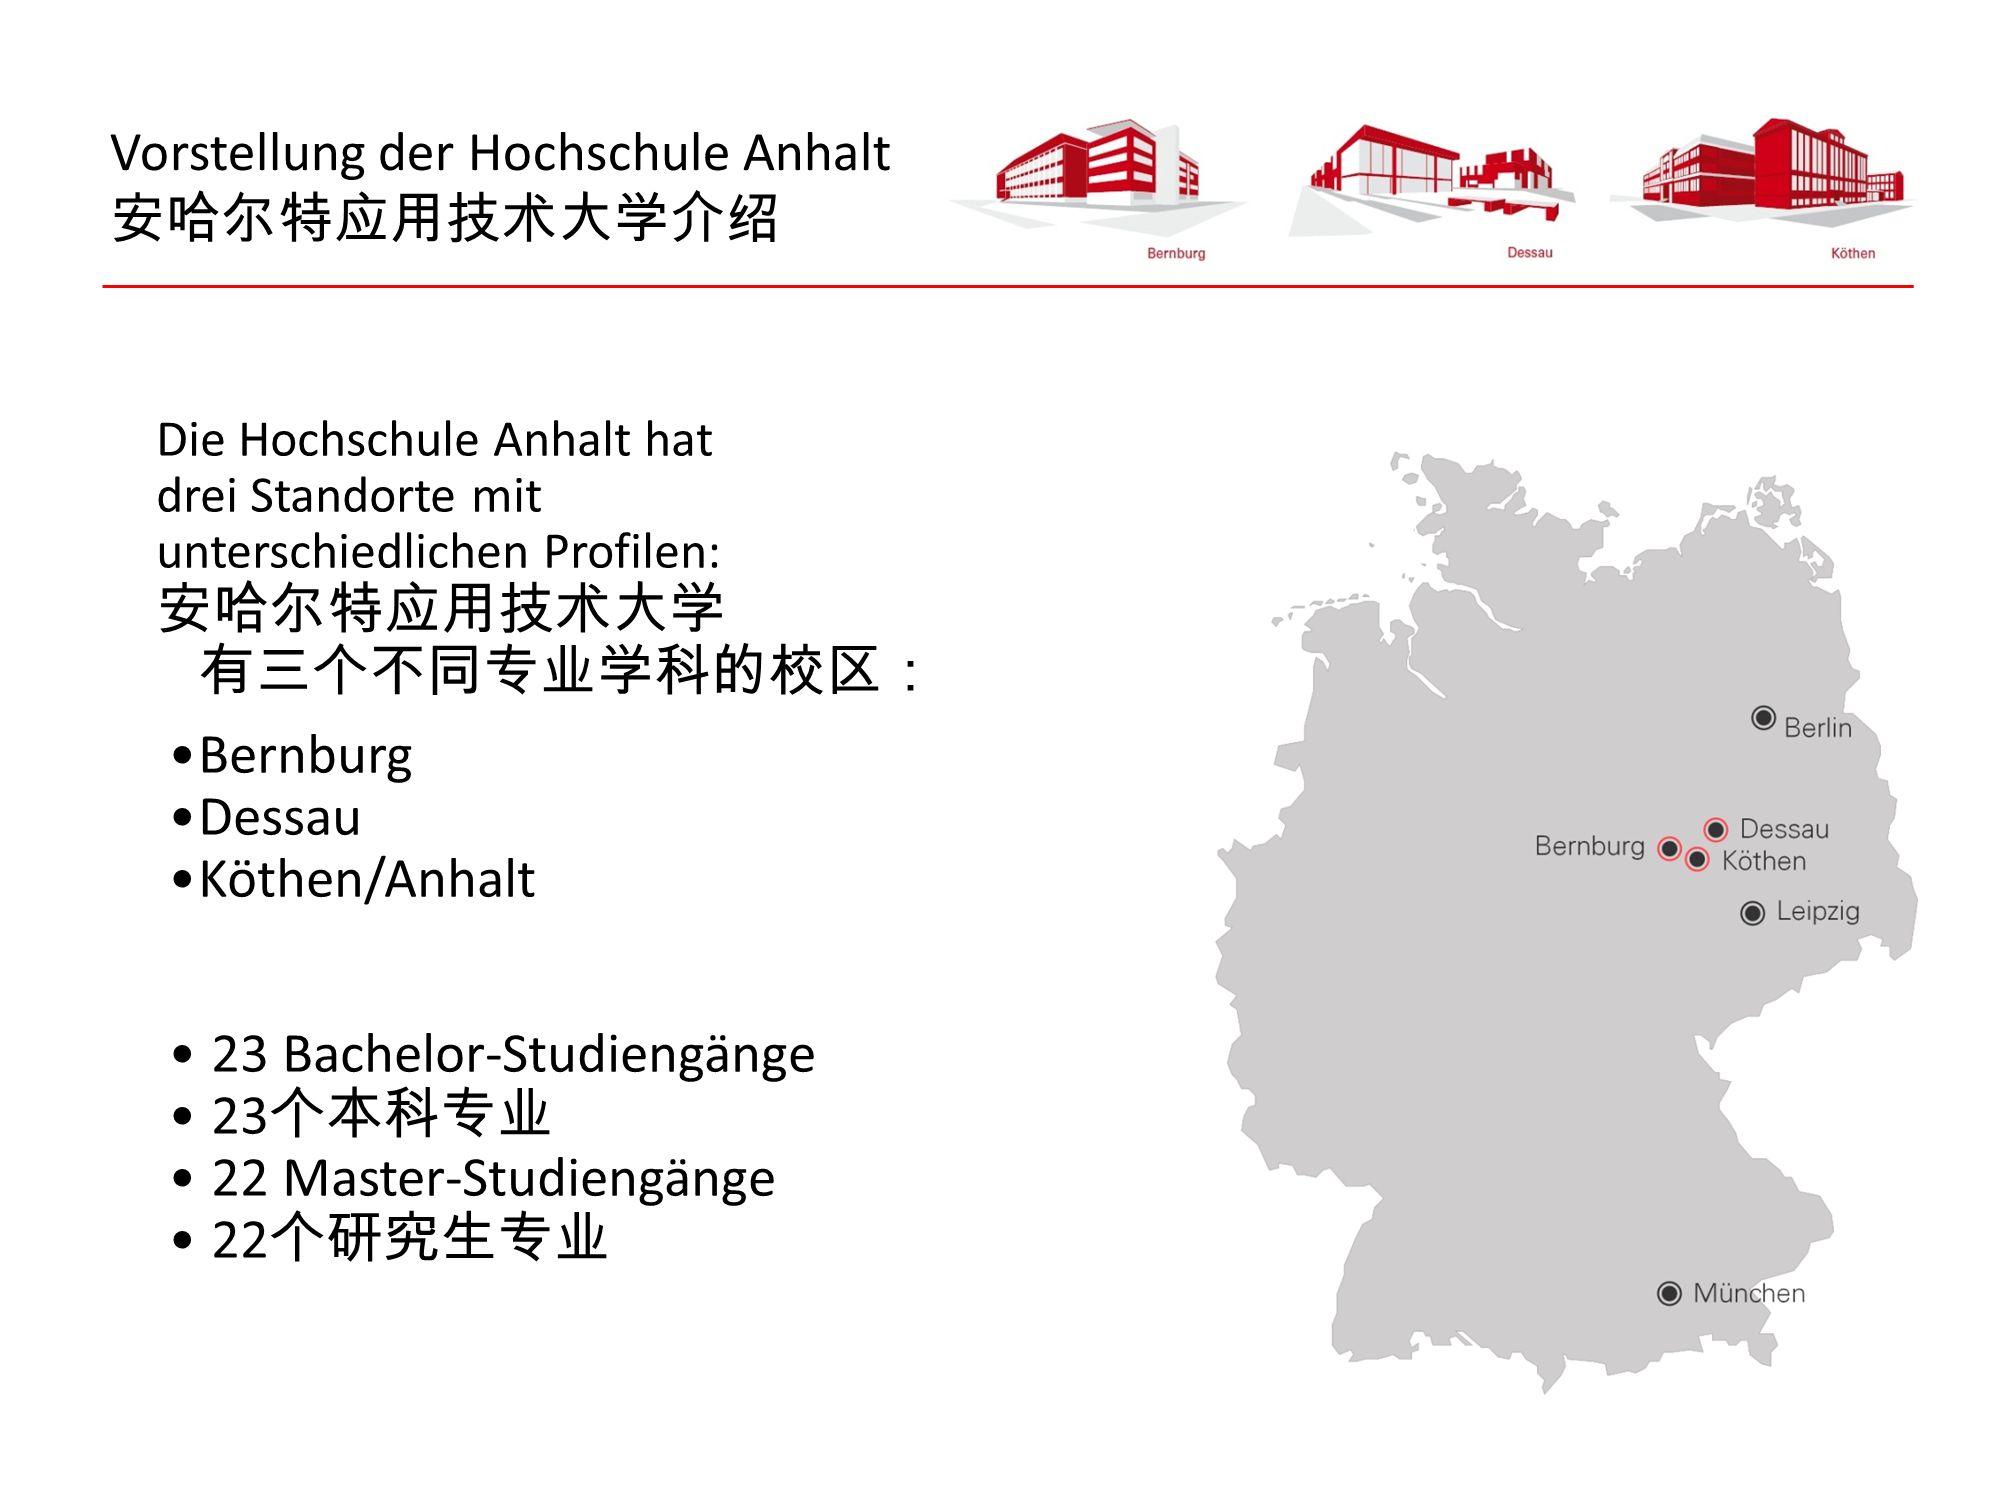 Vorstellung der Hochschule Anhalt 安哈尔特应用技术大学介绍 Die Hochschule Anhalt hat drei Standorte mit unterschiedlichen Profilen: 安哈尔特应用技术大学 有三个不同专业学科的校区: Bernb